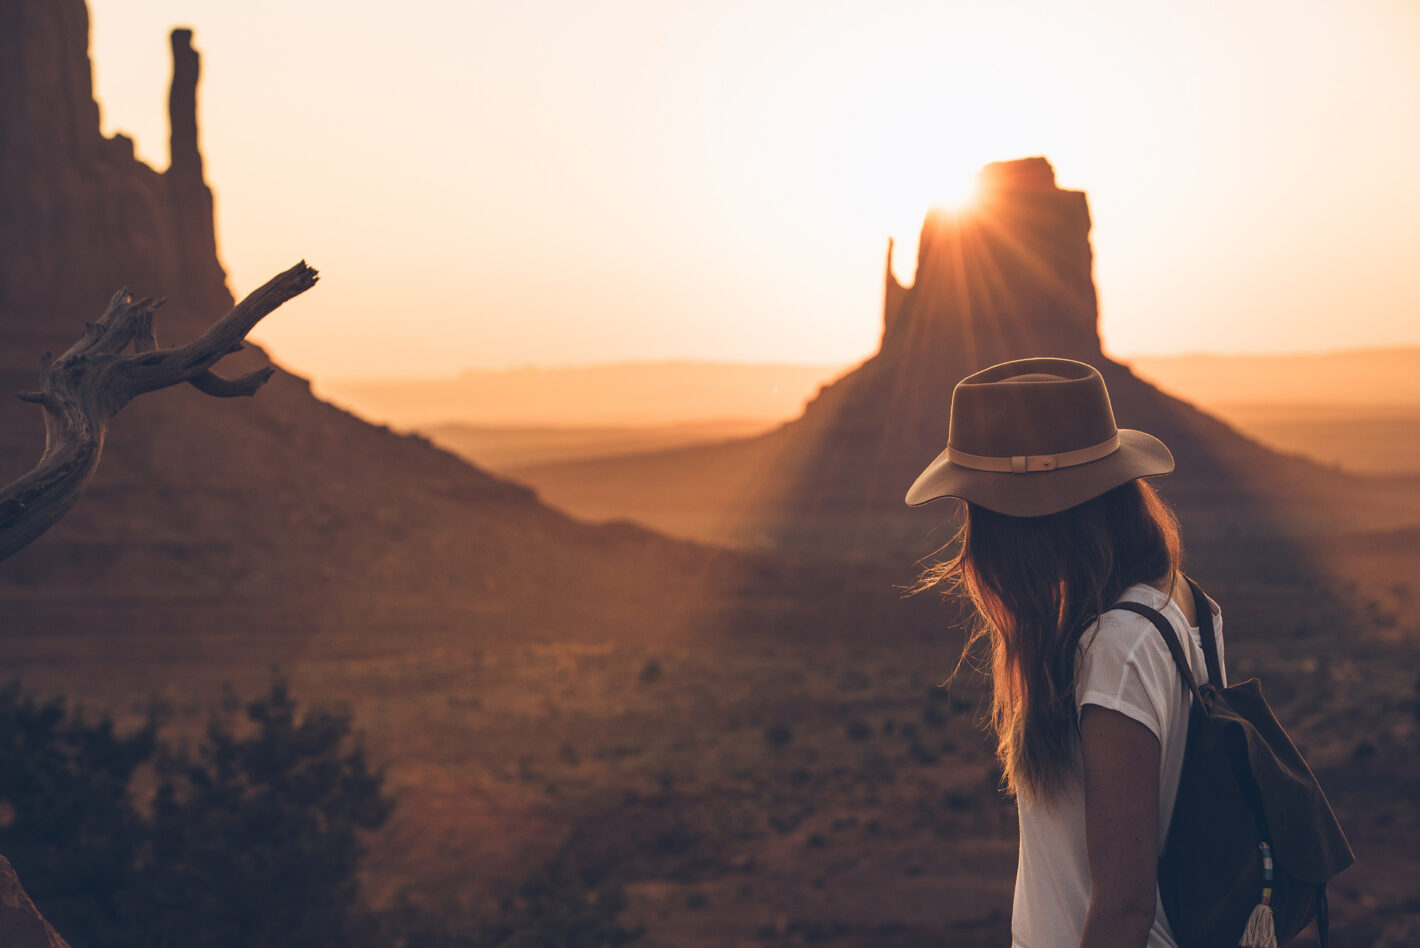 L'INSPIRATION VOYAGE DES BESTJOBERS N°2 : ÉCHAPPÉES DANS LE GRAND OUEST AMÉRICAIN - Monument Valley